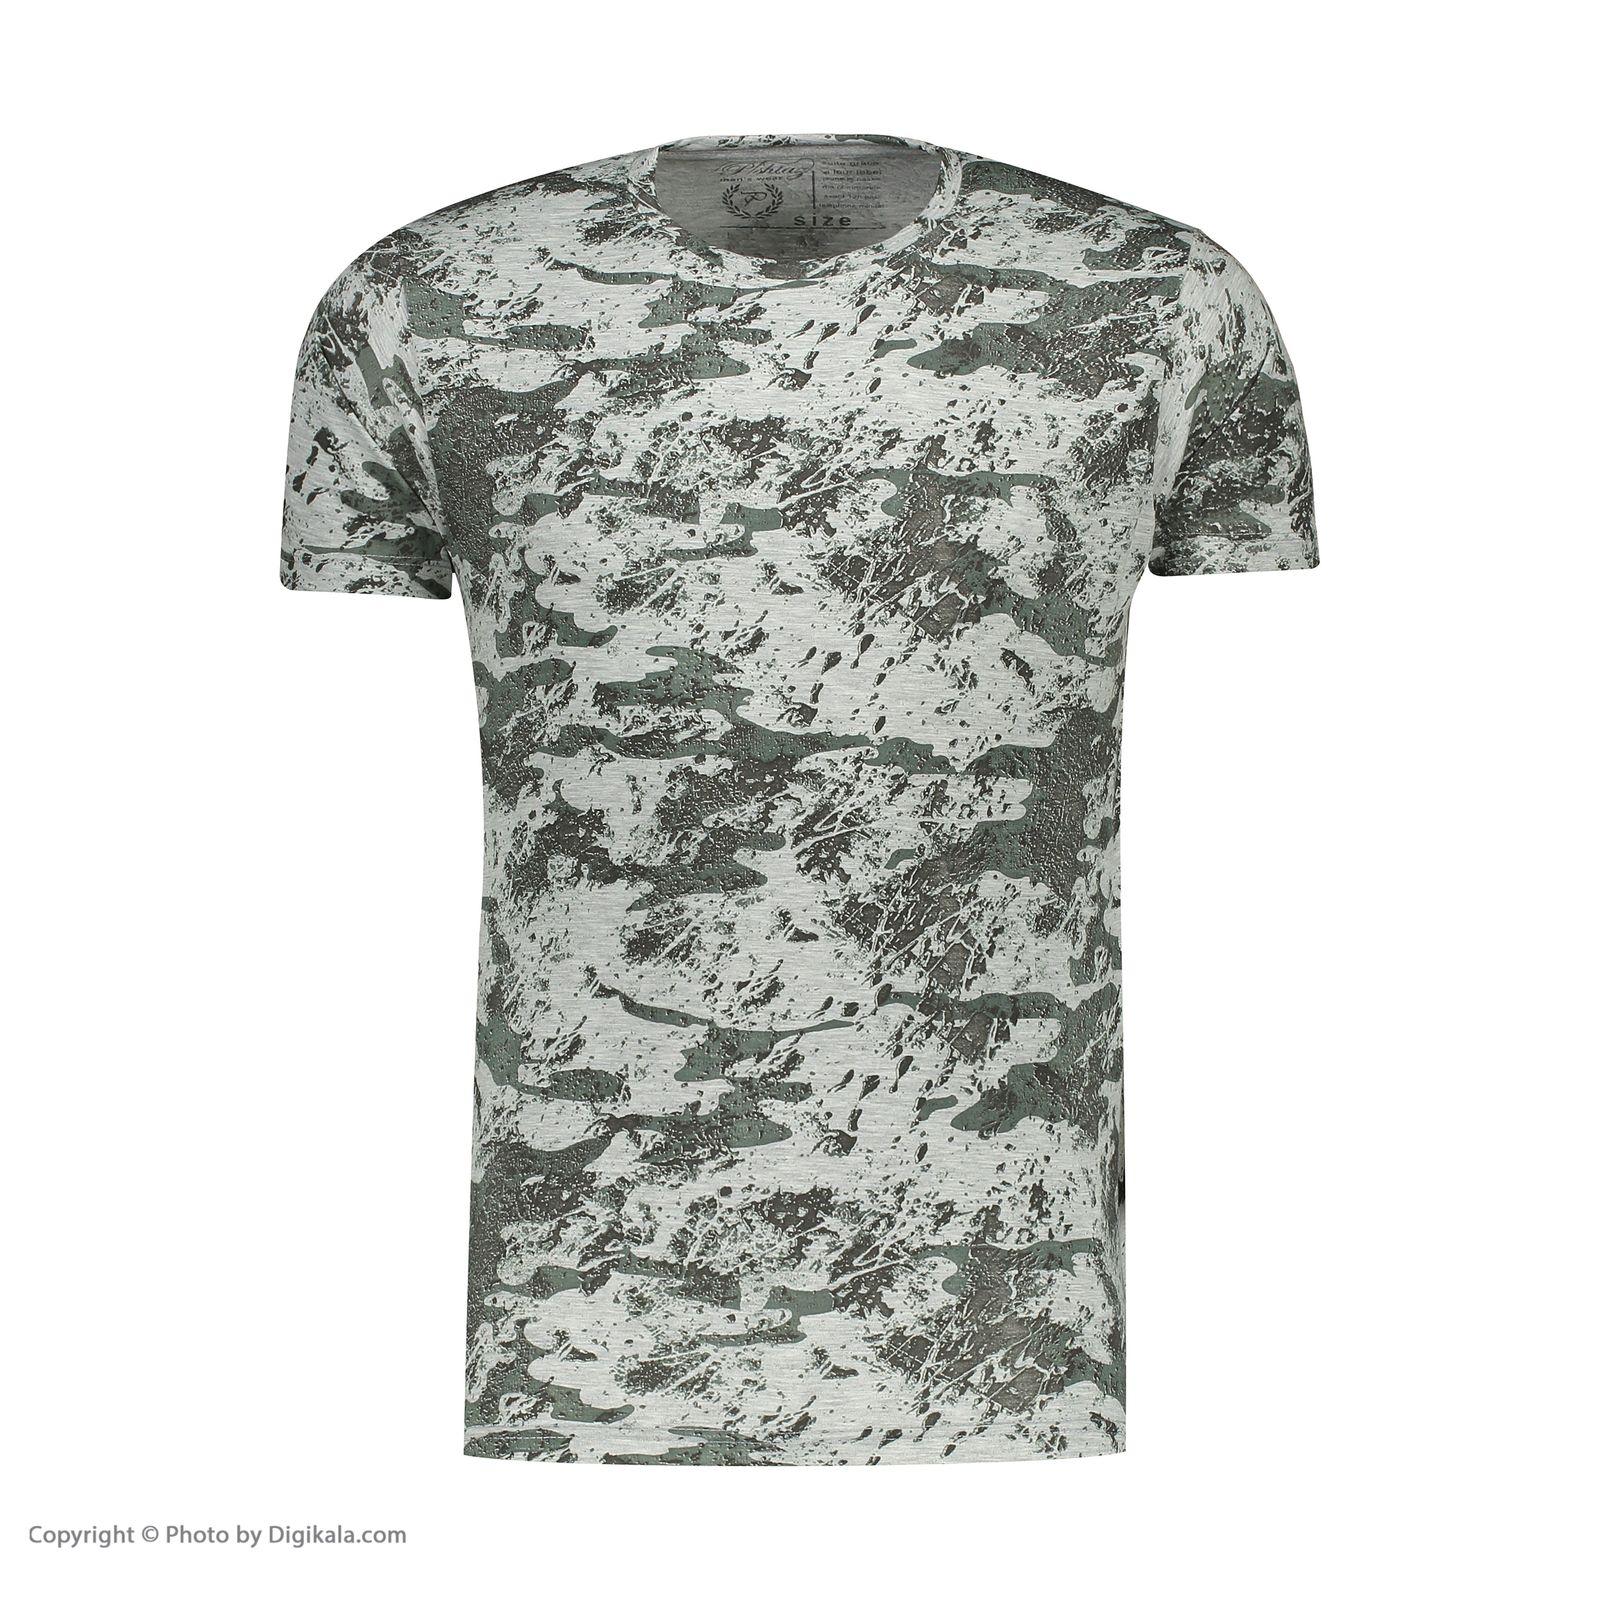 ست تی شرت و شلوار مردانه کد 111213-3 -  - 4